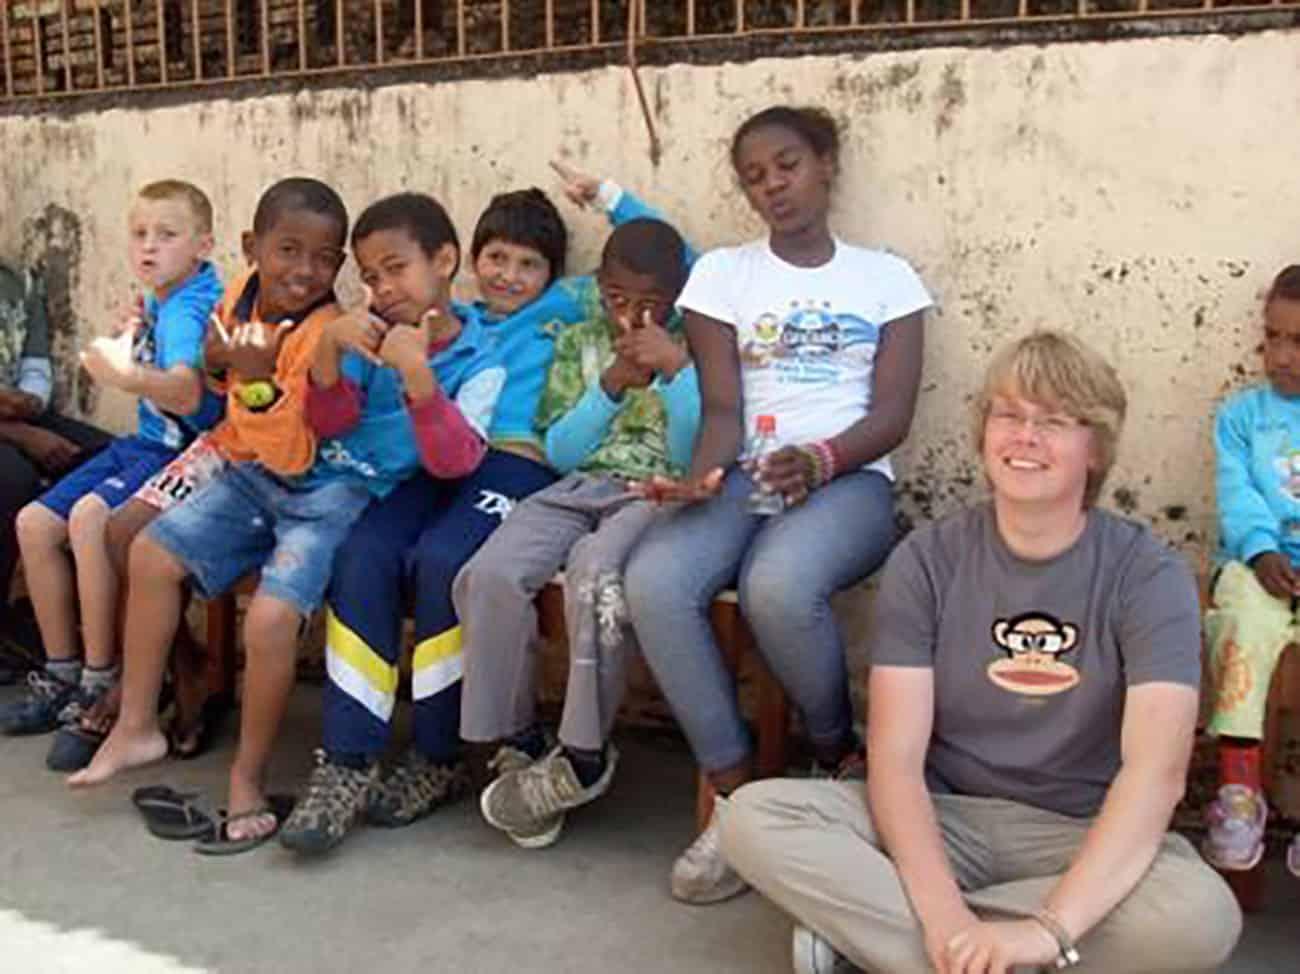 Kinder und Jugendliche, Brasilien